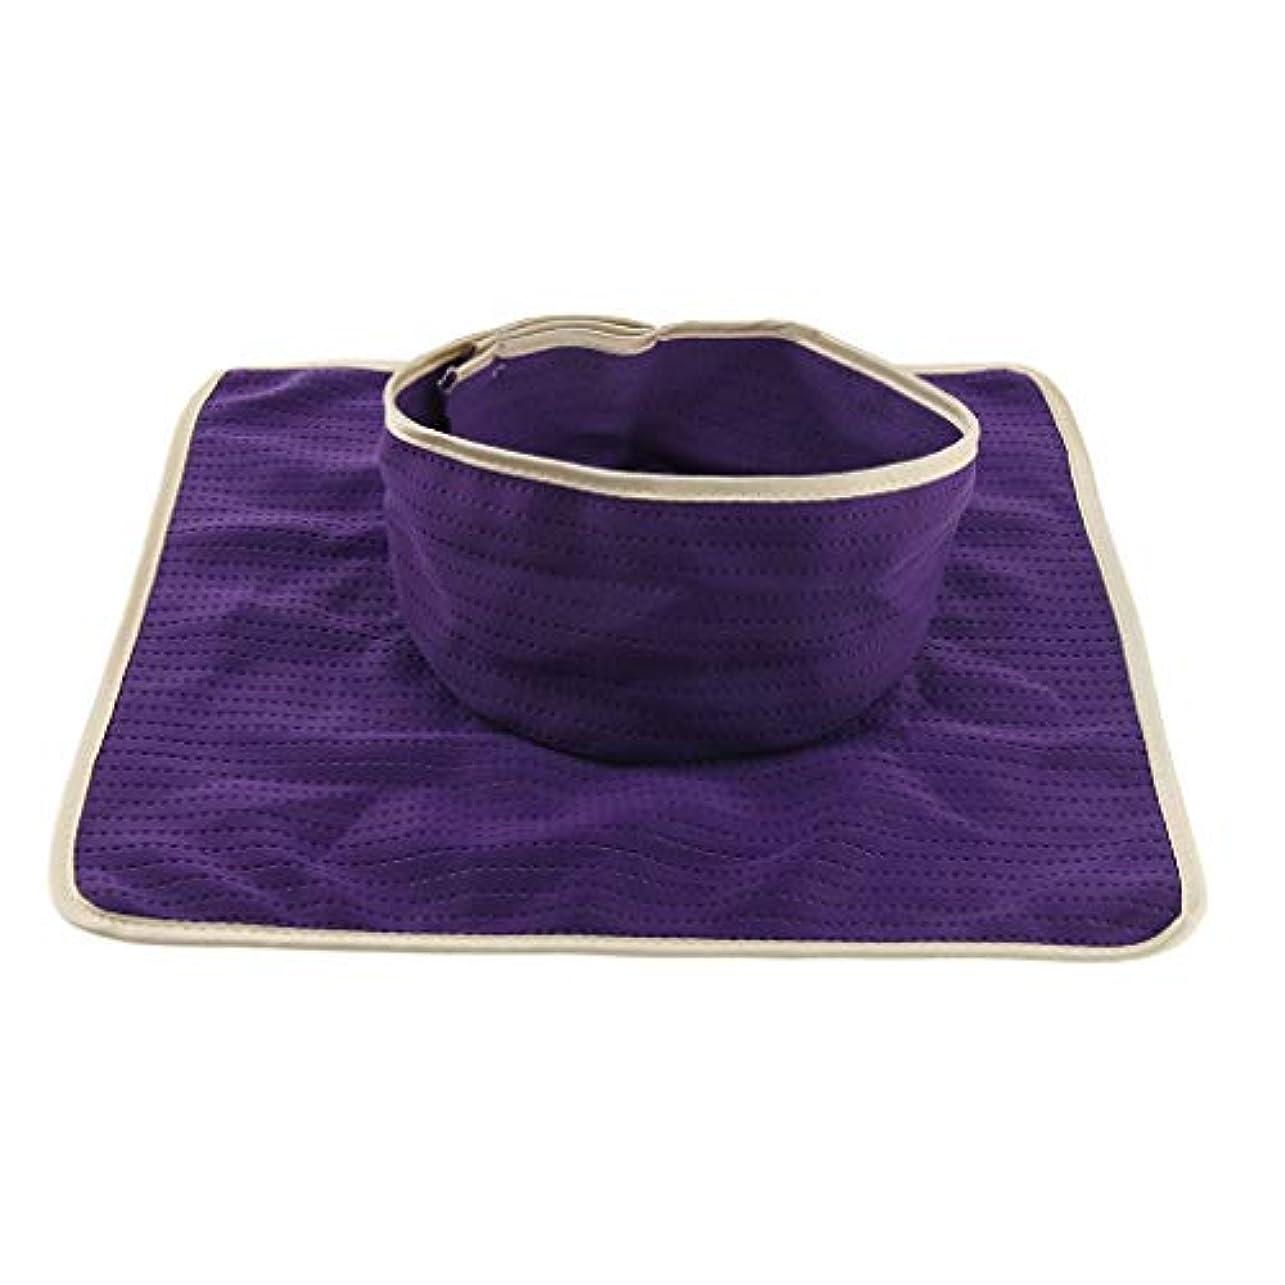 落ち着いた不適買い物に行くBaoblaze マッサージのベッド用 パッド マットシート 顔の穴付き 洗える 約35×35cm 全3色 - 紫